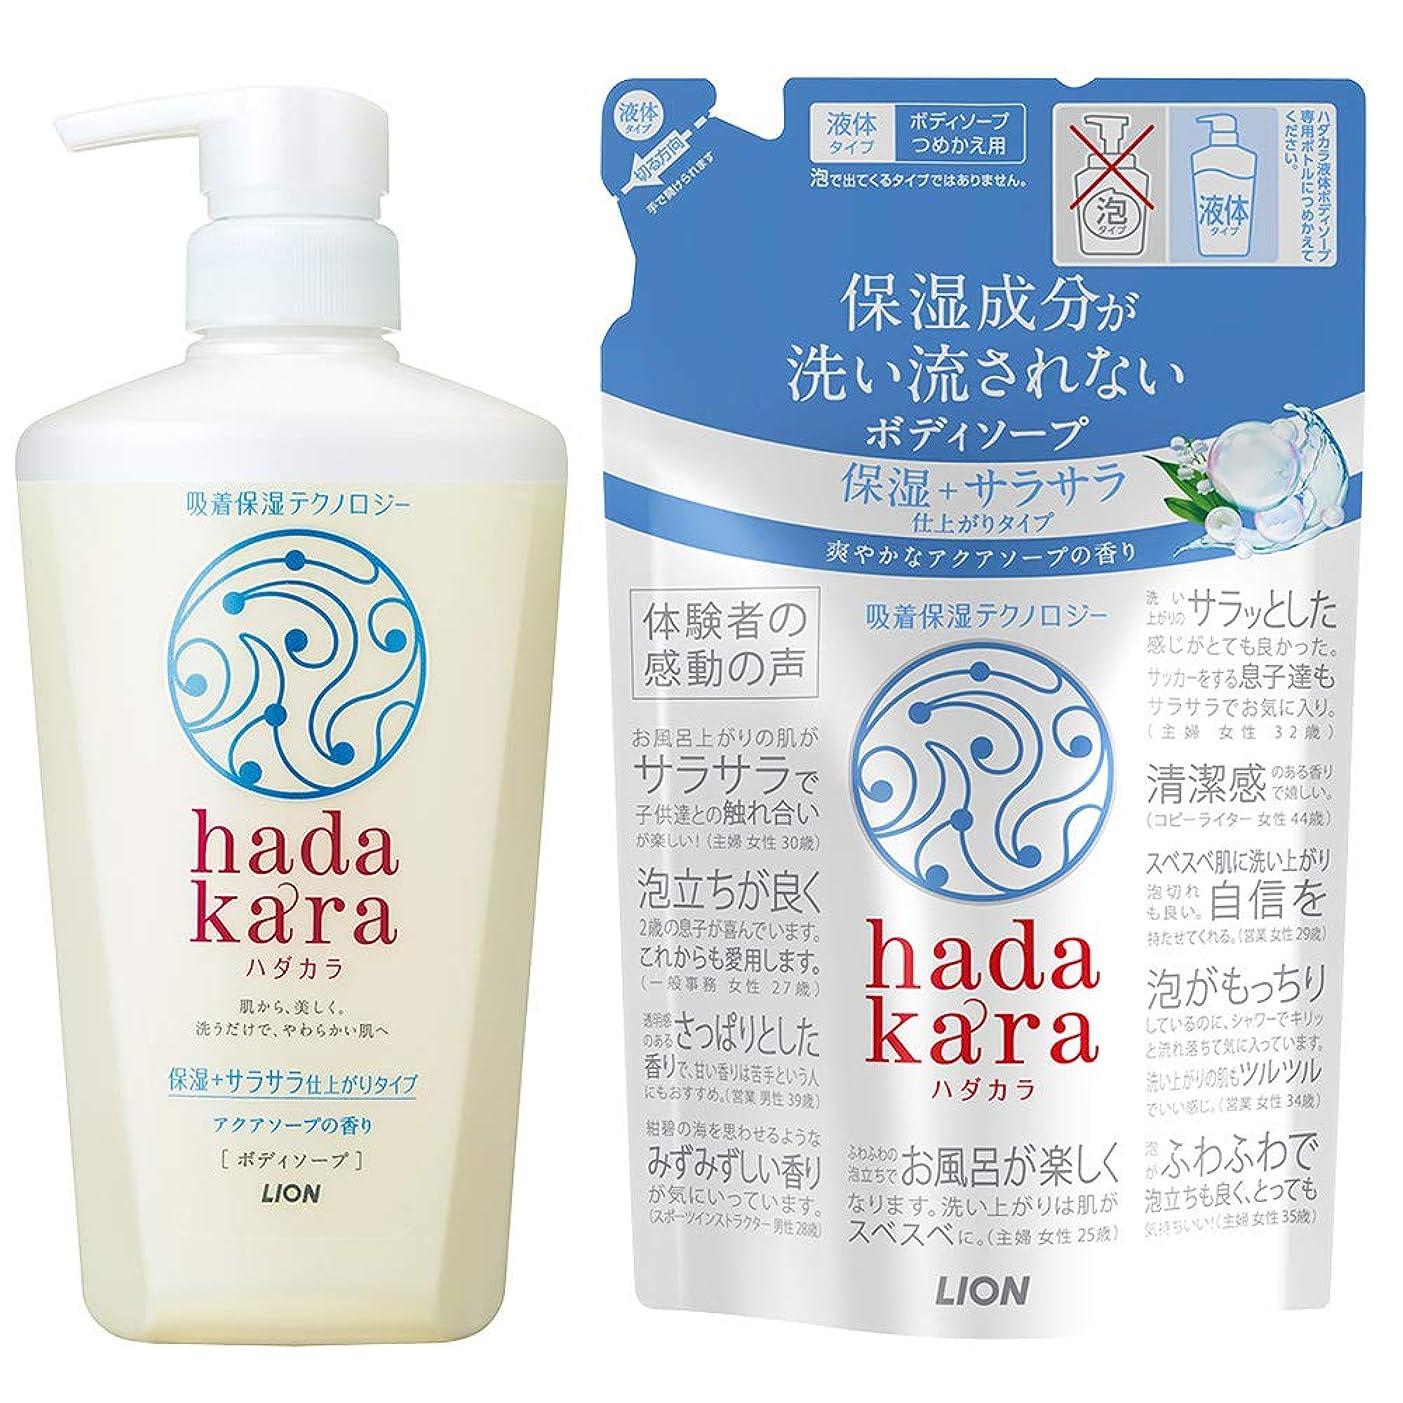 非行肌トーンhadakara(ハダカラ)ボディソープ 保湿+サラサラ仕上がりタイプ アクアソープの香り 本体 480ml + つめかえ 340ml